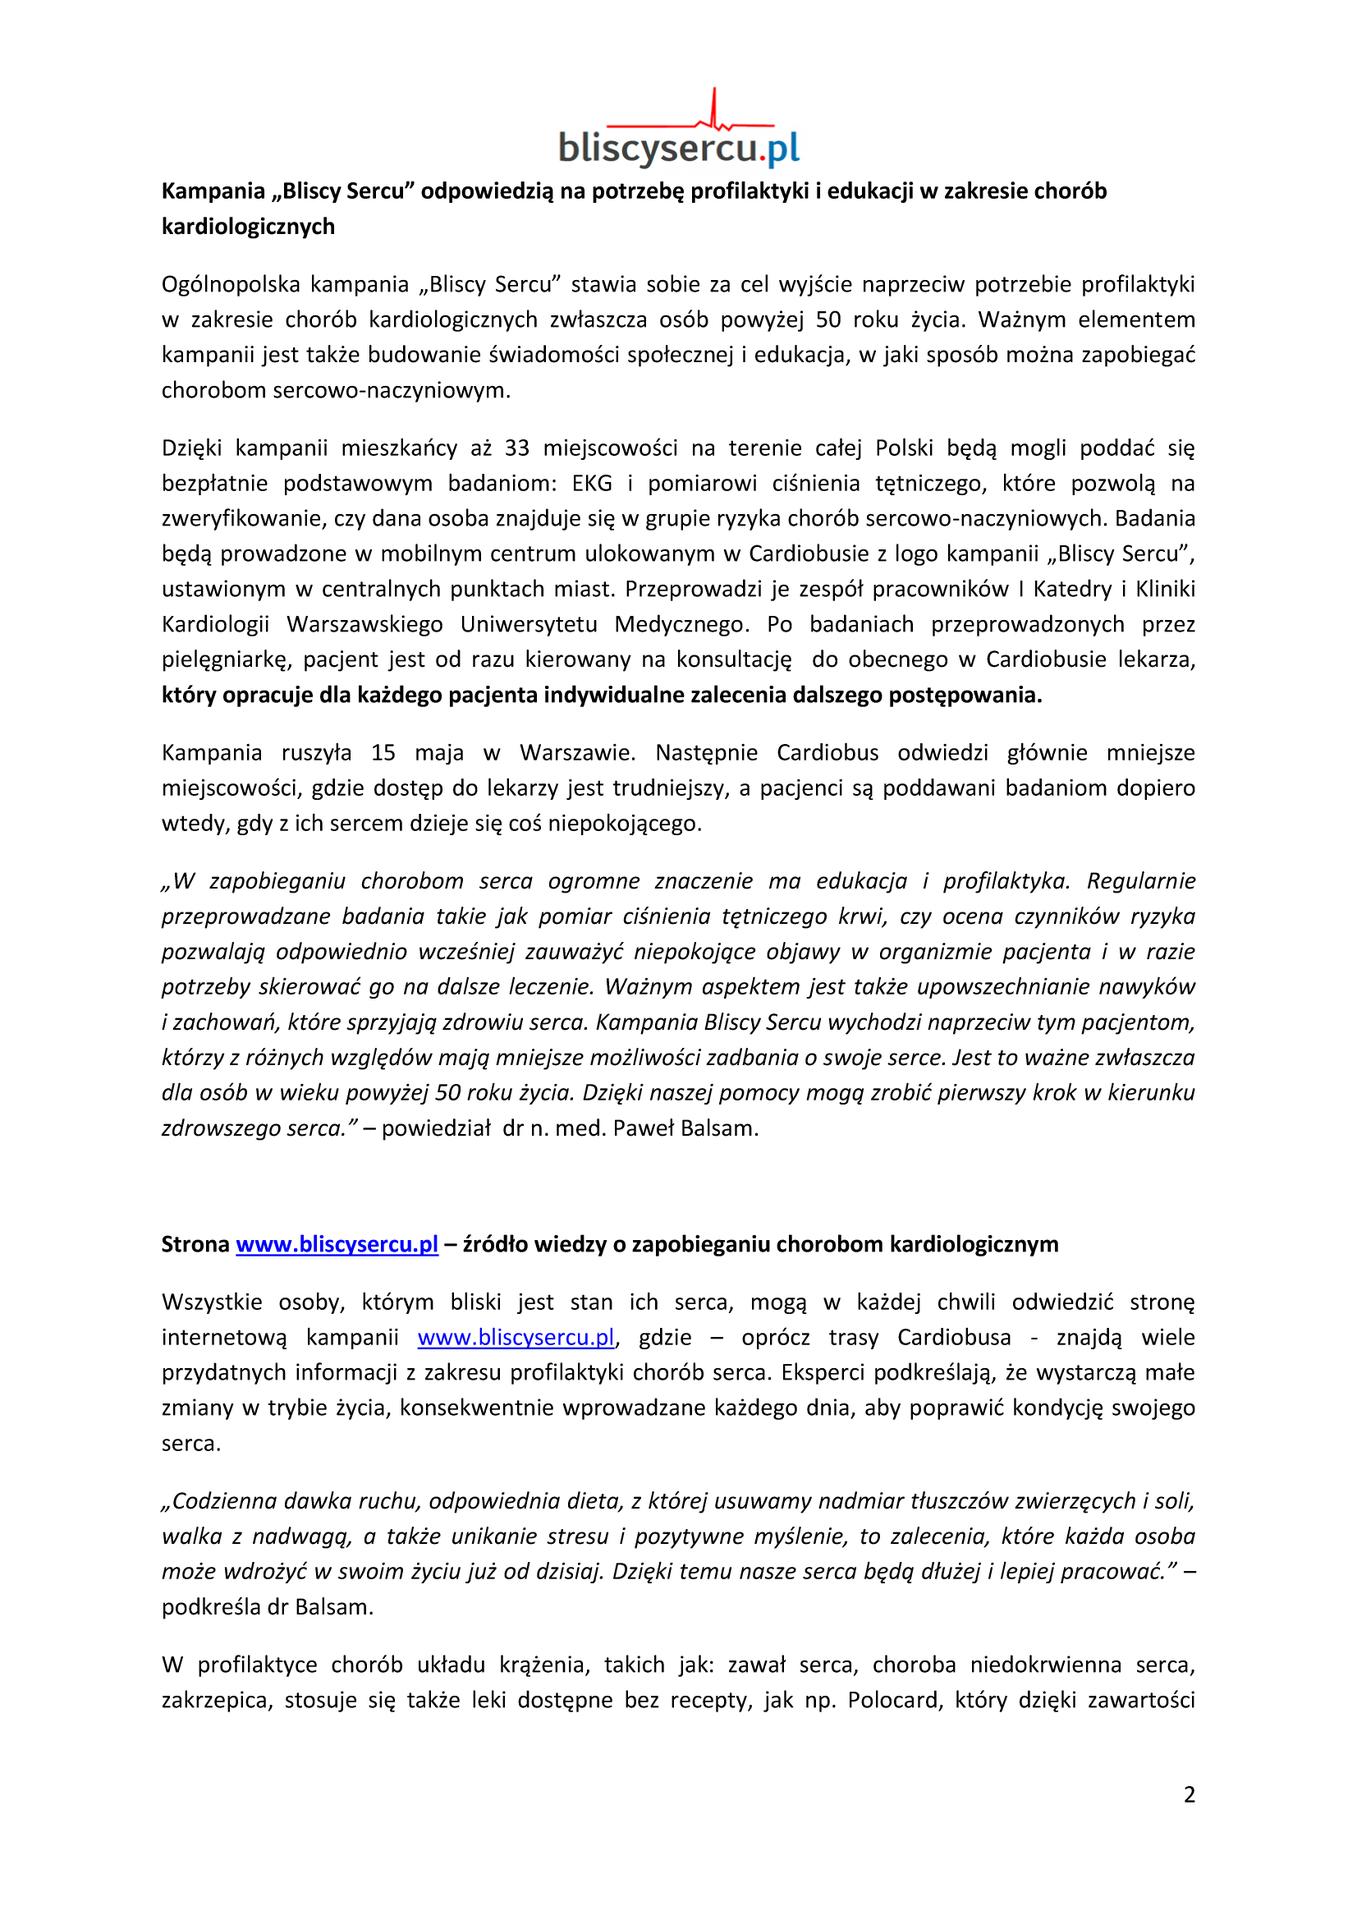 Bliscy_Sercu_informacja_prasowa_23_05_2017_LOKALNA_Opolskie-2.jpeg